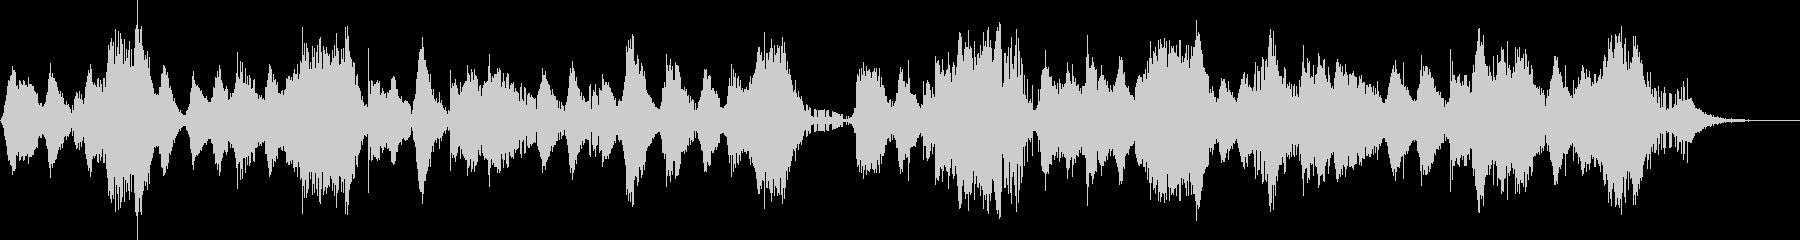 ホラー、不気味な雰囲気のBGMの未再生の波形